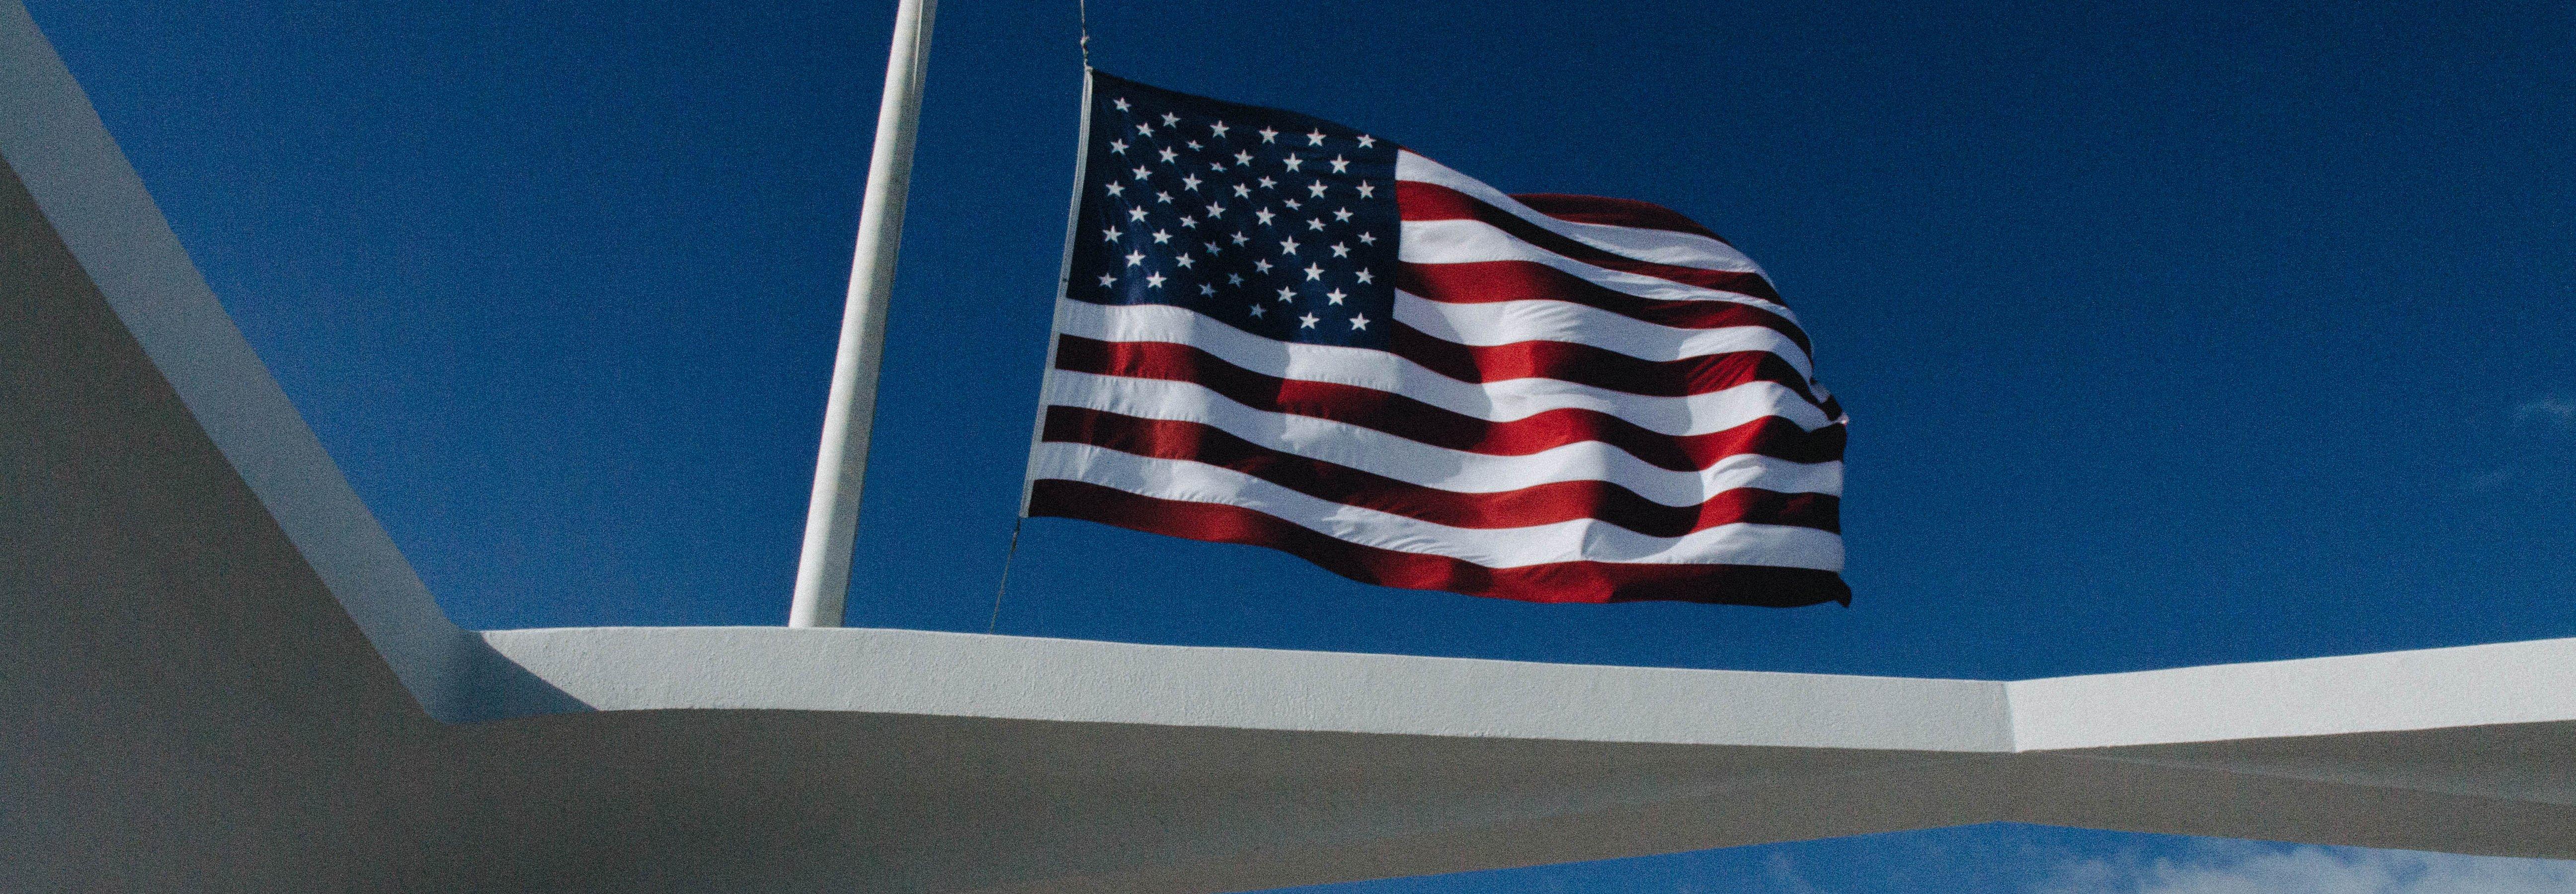 nist-us-flag